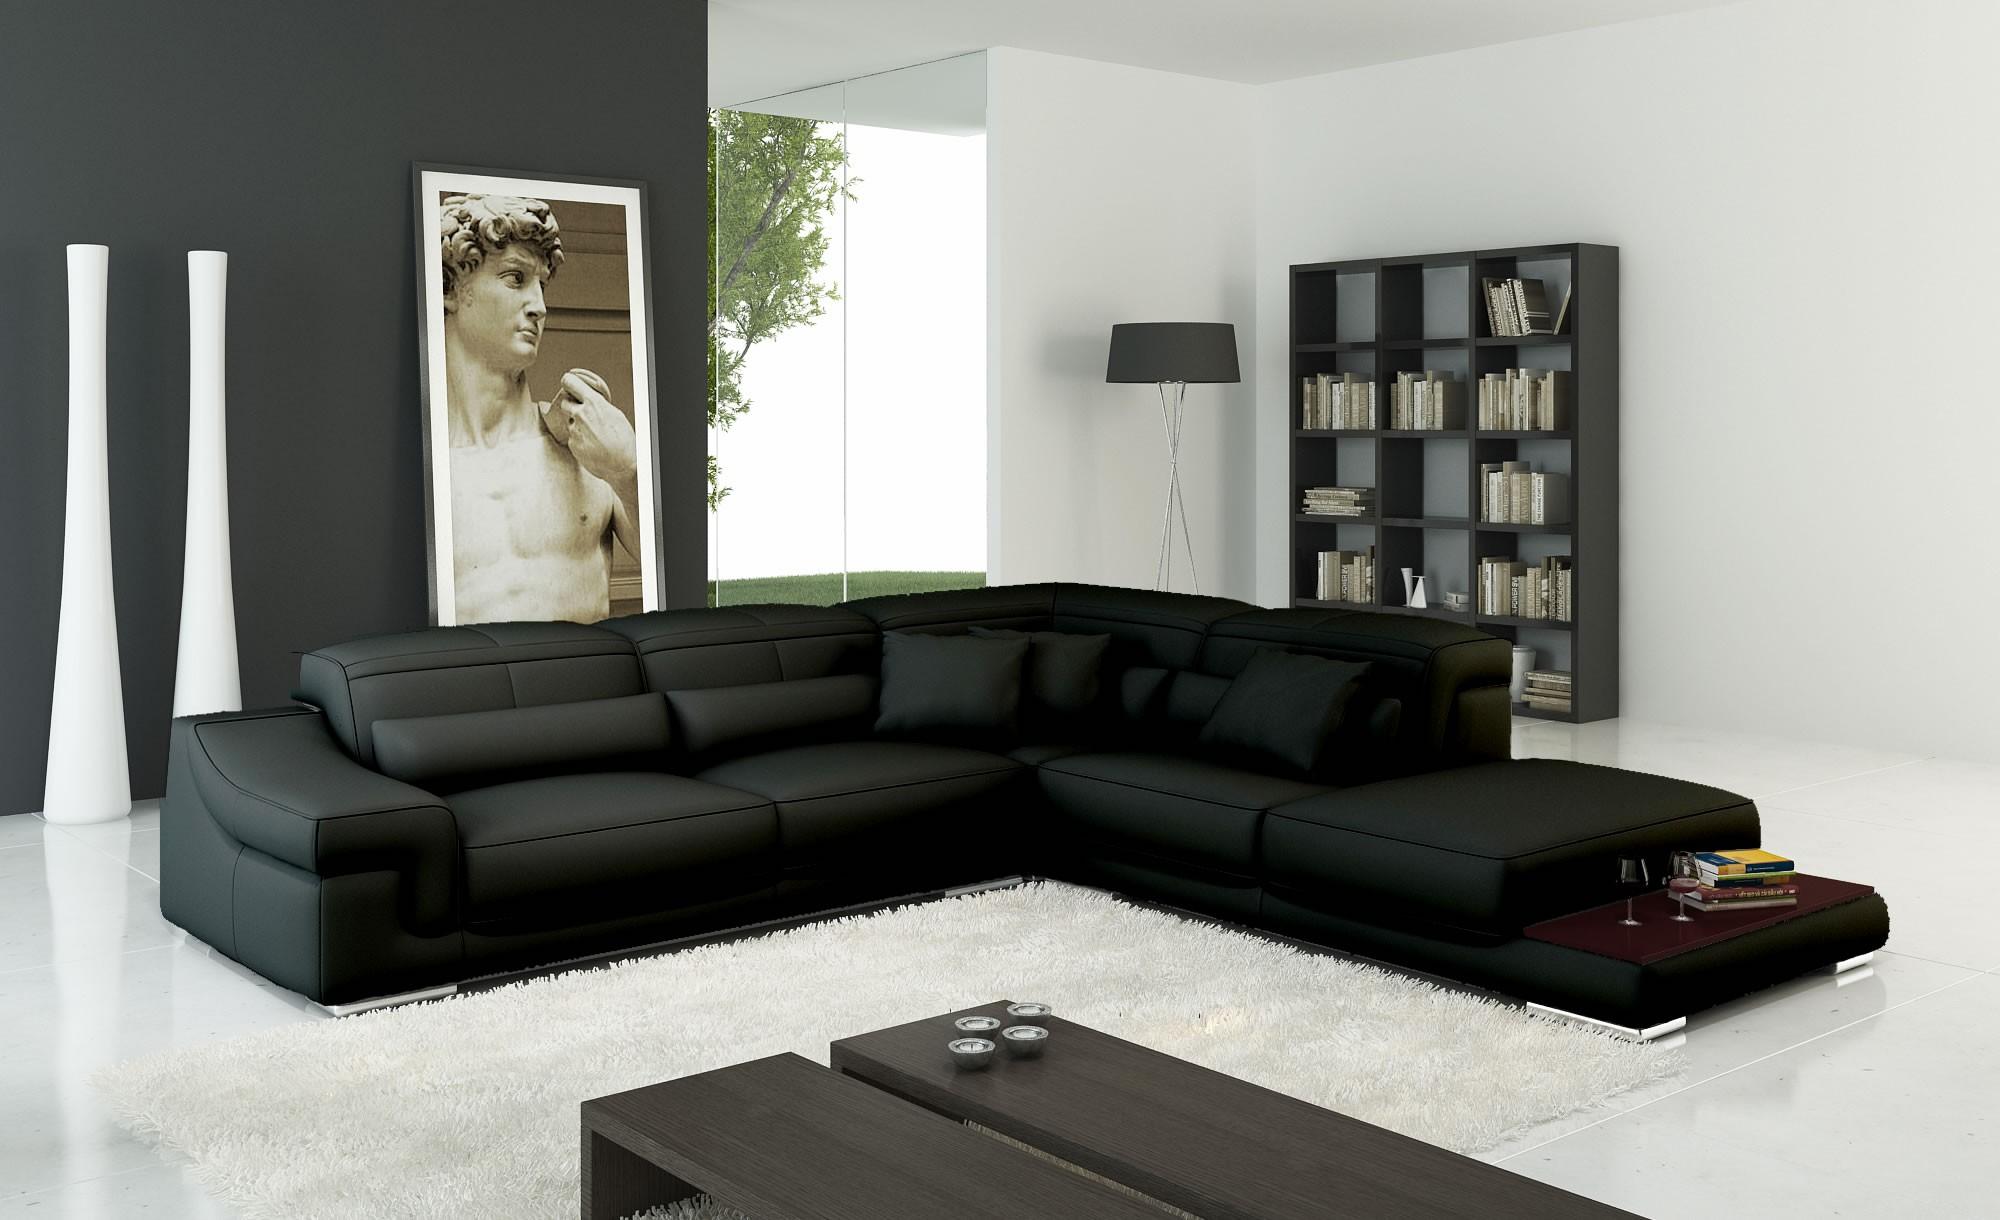 угловой диван фото в интерьере